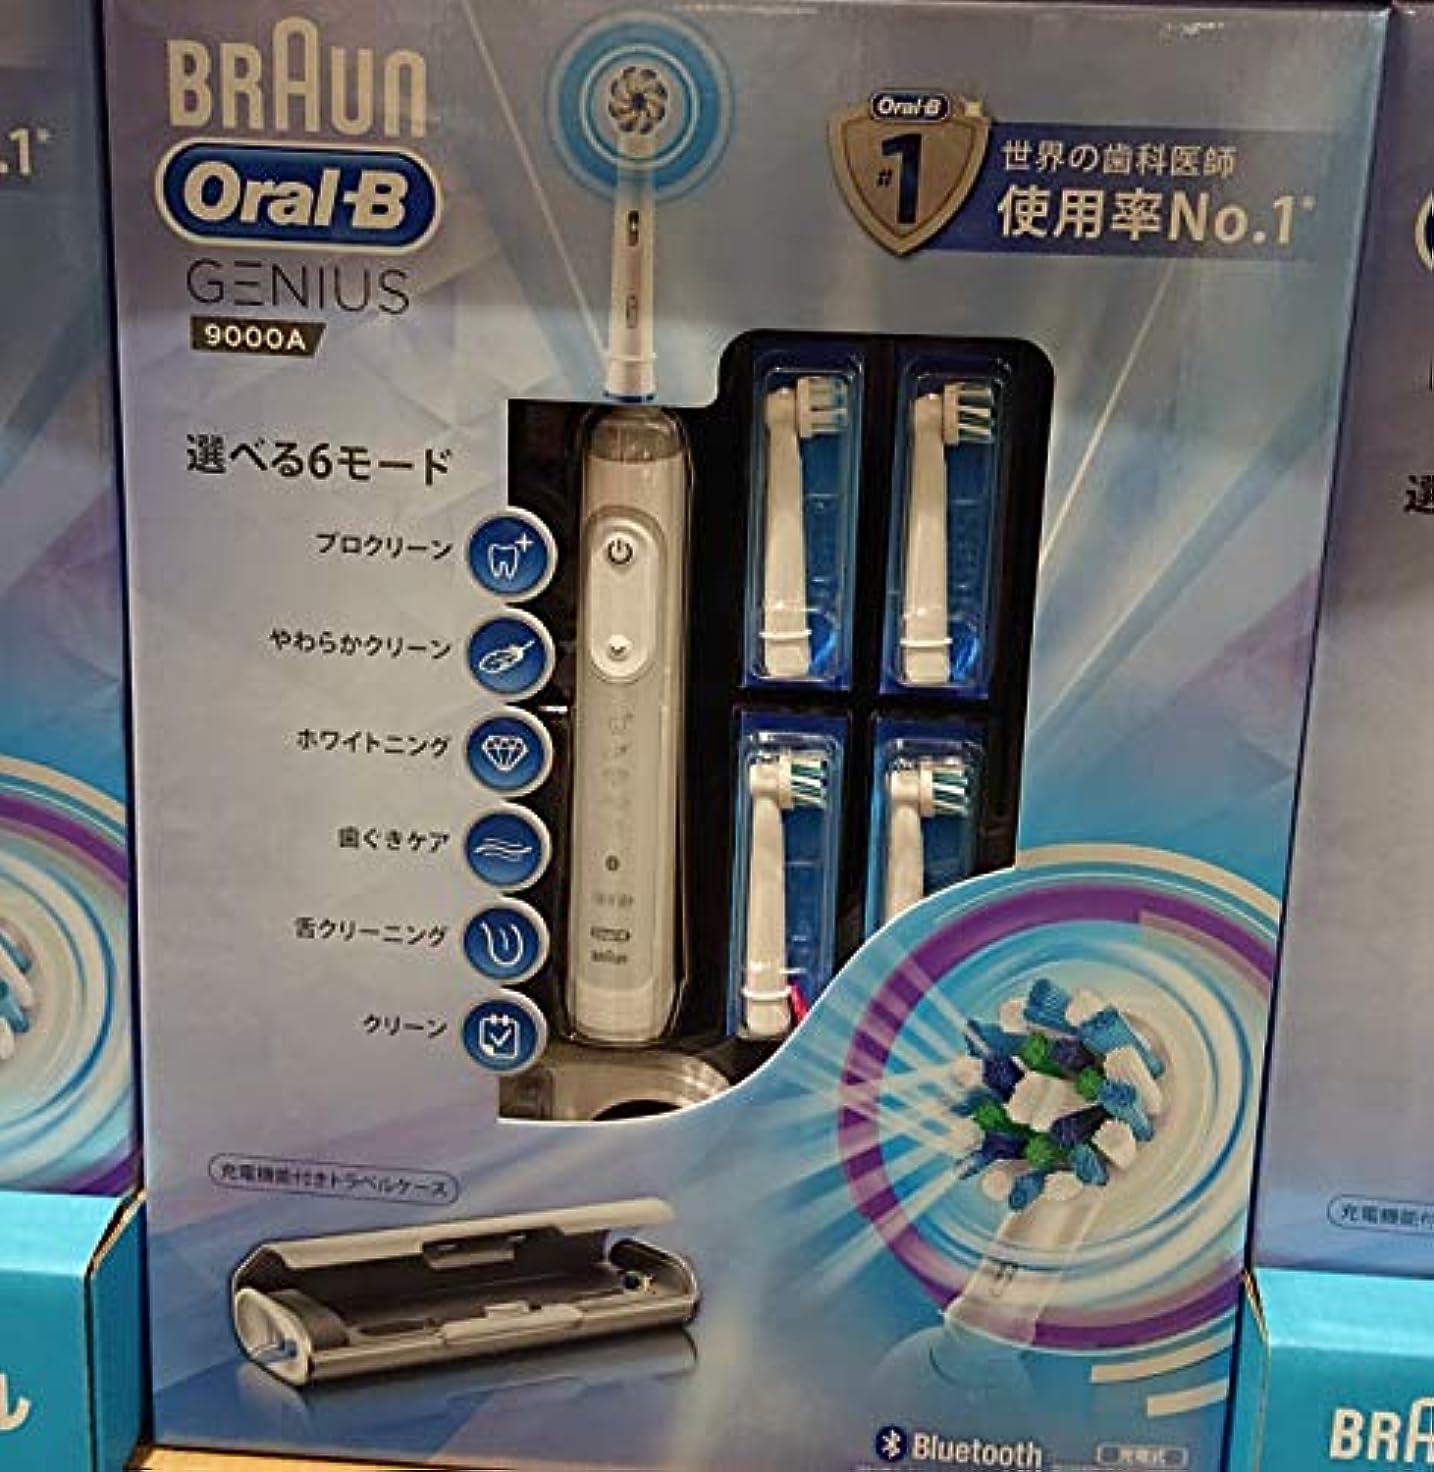 批評専門知識バッグBRAUN ブラウン ORAL-B 電動歯ブラシ GENIUS 替えブラシ/充電器付き